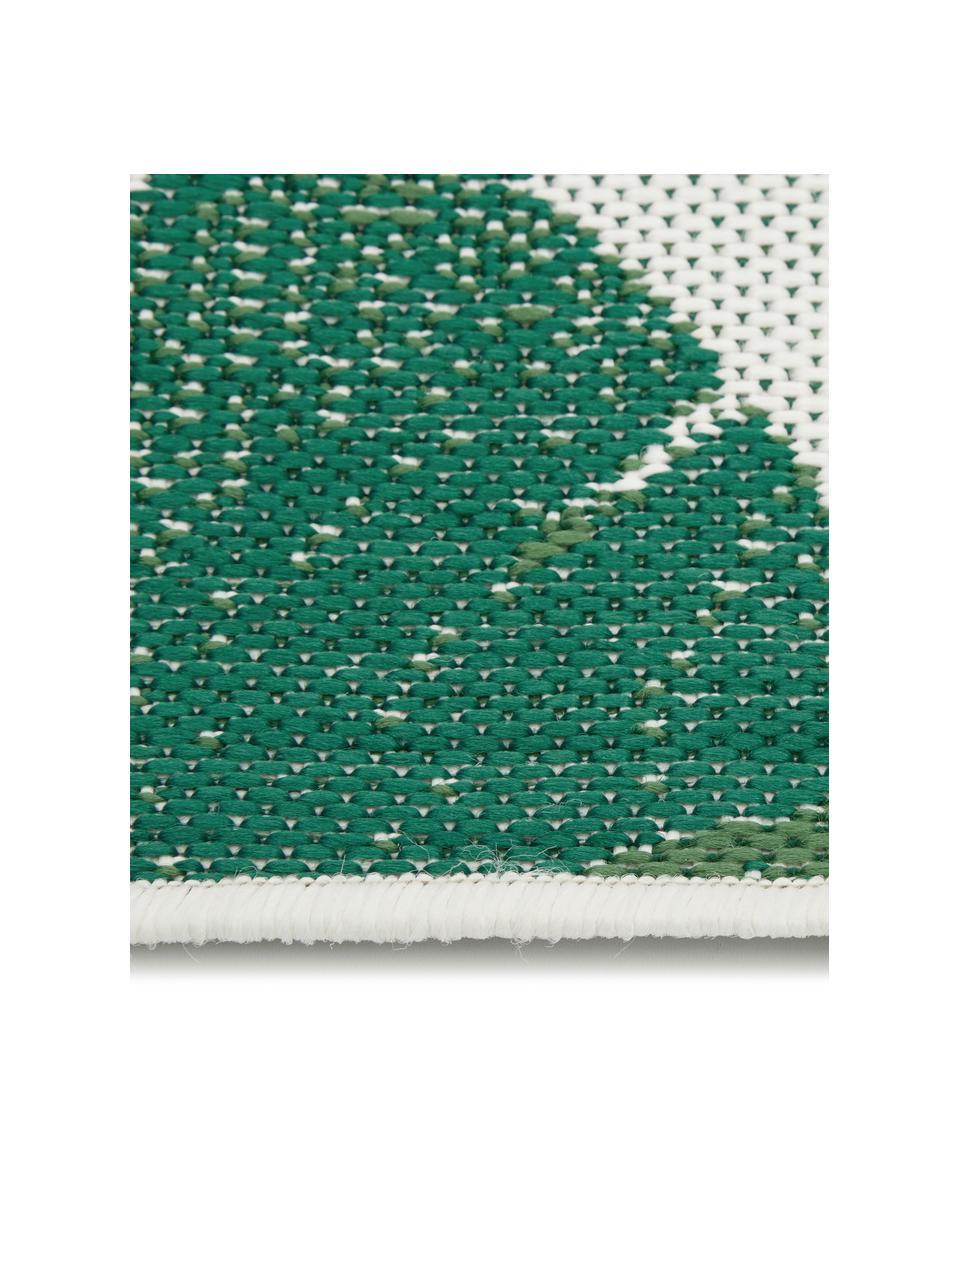 Chodnik wewnętrzny/zewnętrzny Jungle, 86% polipropylen, 14% poliester, Kremowobiały, zielony, S 80 x D 250 cm